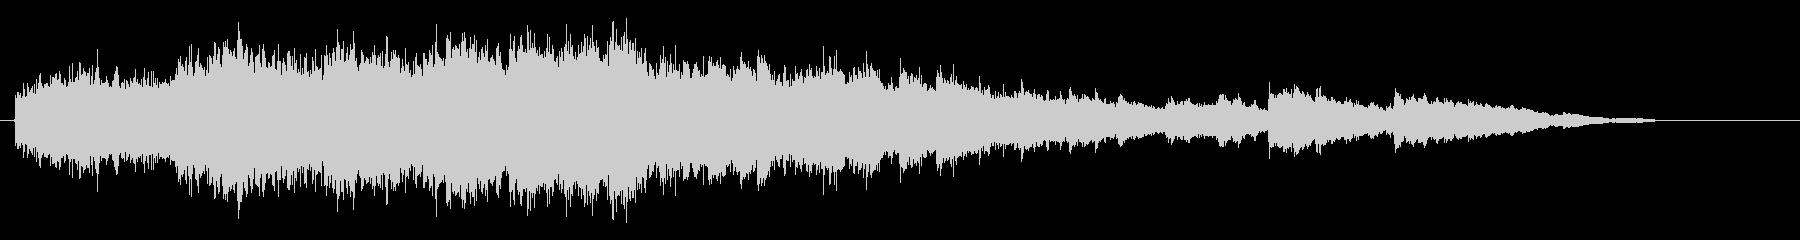 ブライダル・パフォーマンス向けピアノの未再生の波形